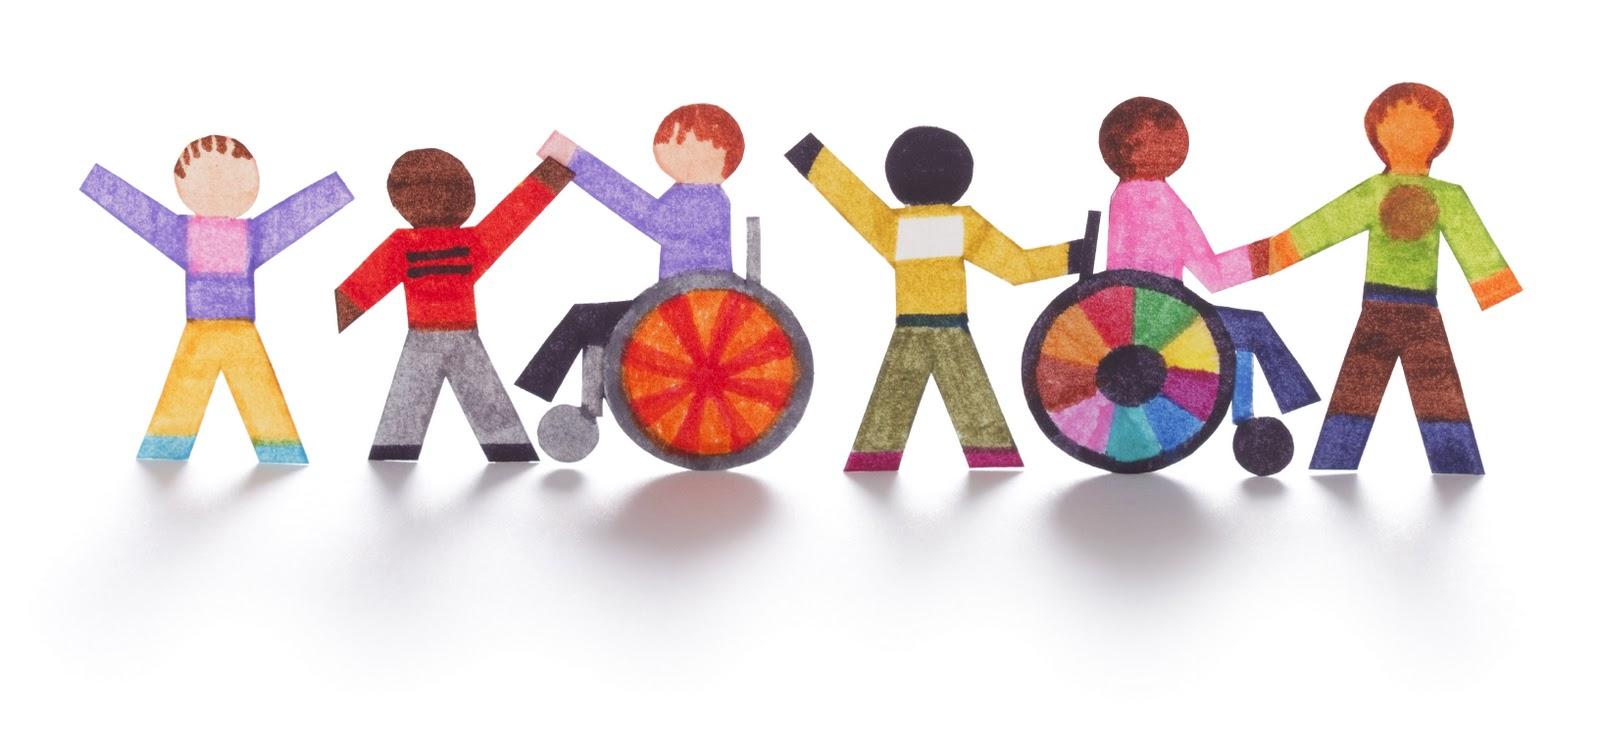 Μια μουσική παράσταση για τα άτομα με αναπηρίες στη Λάρνακα